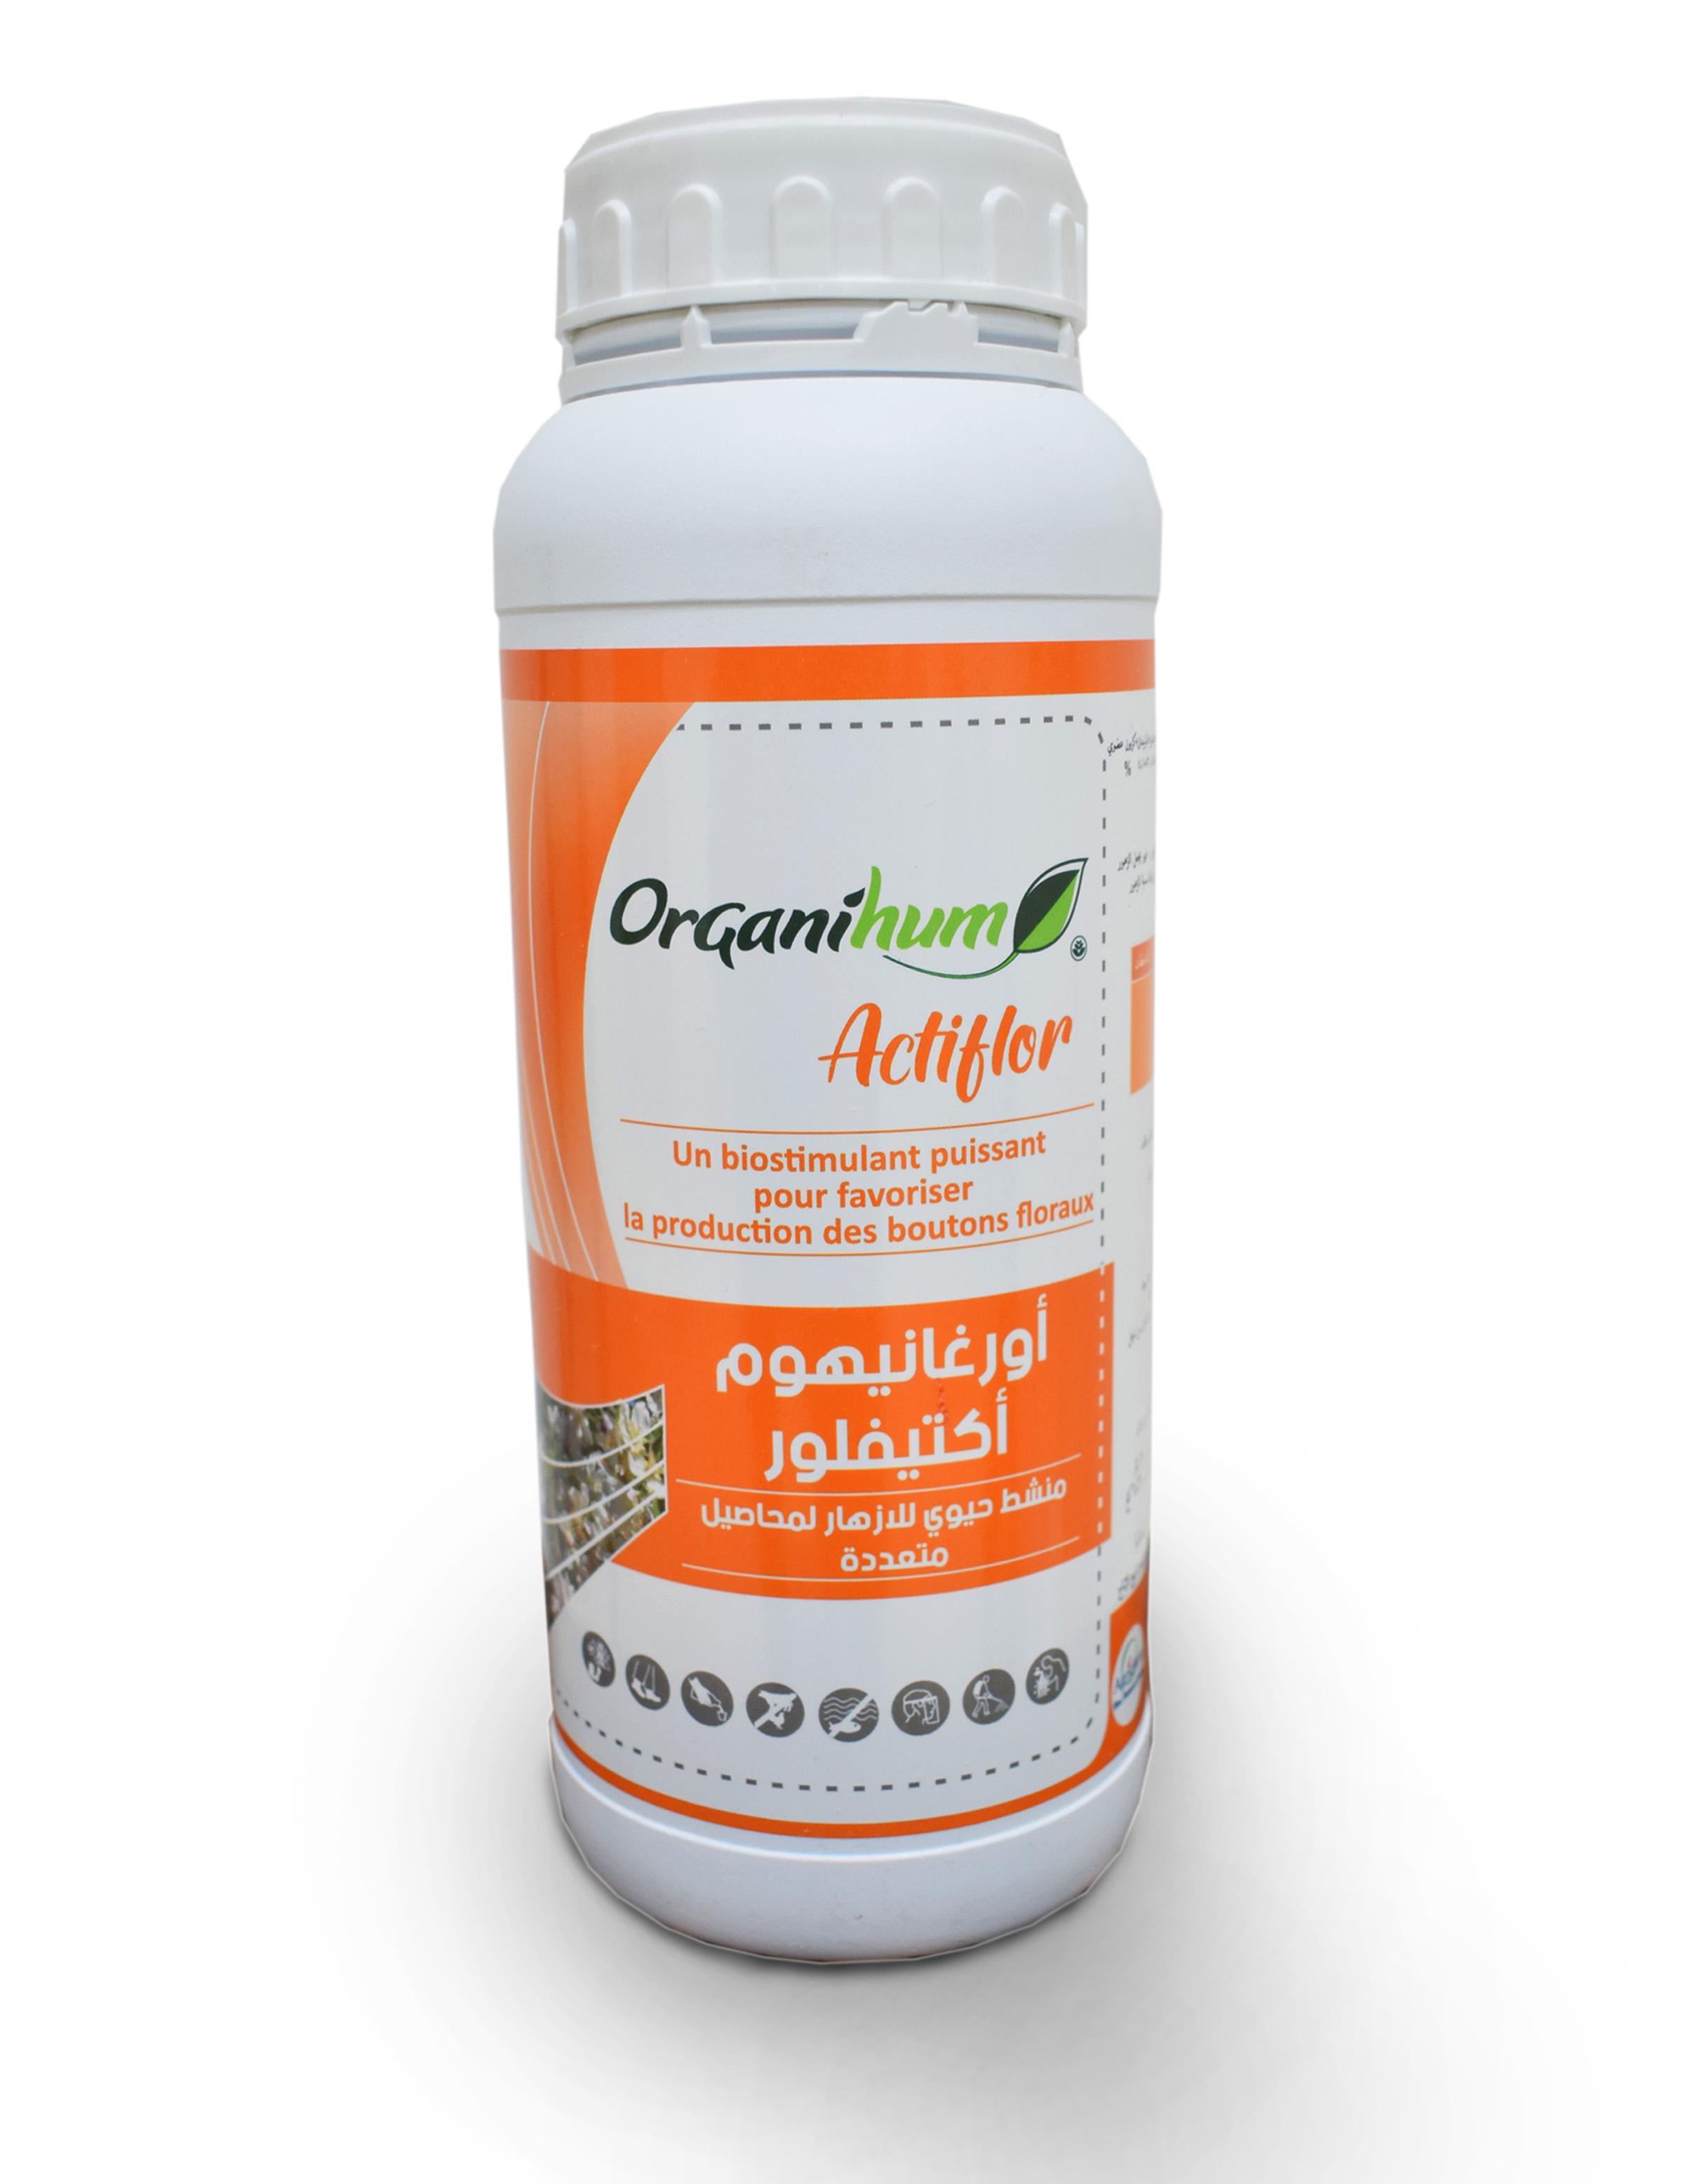 Organihum Actiflor